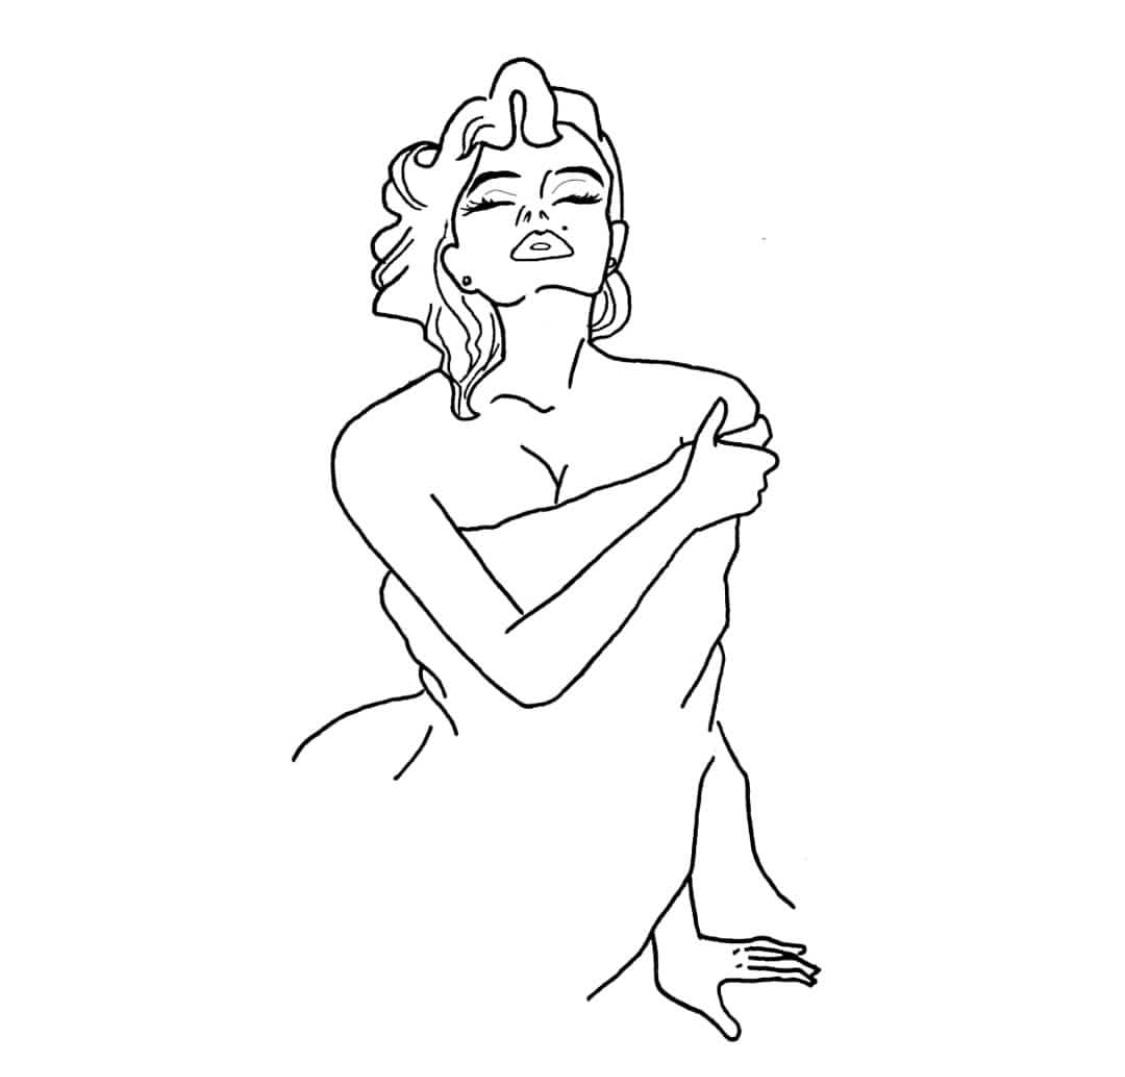 先着10名限定!個性派オシャレイラスト描きます 他にはない雰囲気のあるイラストをお探しのあなたへ!